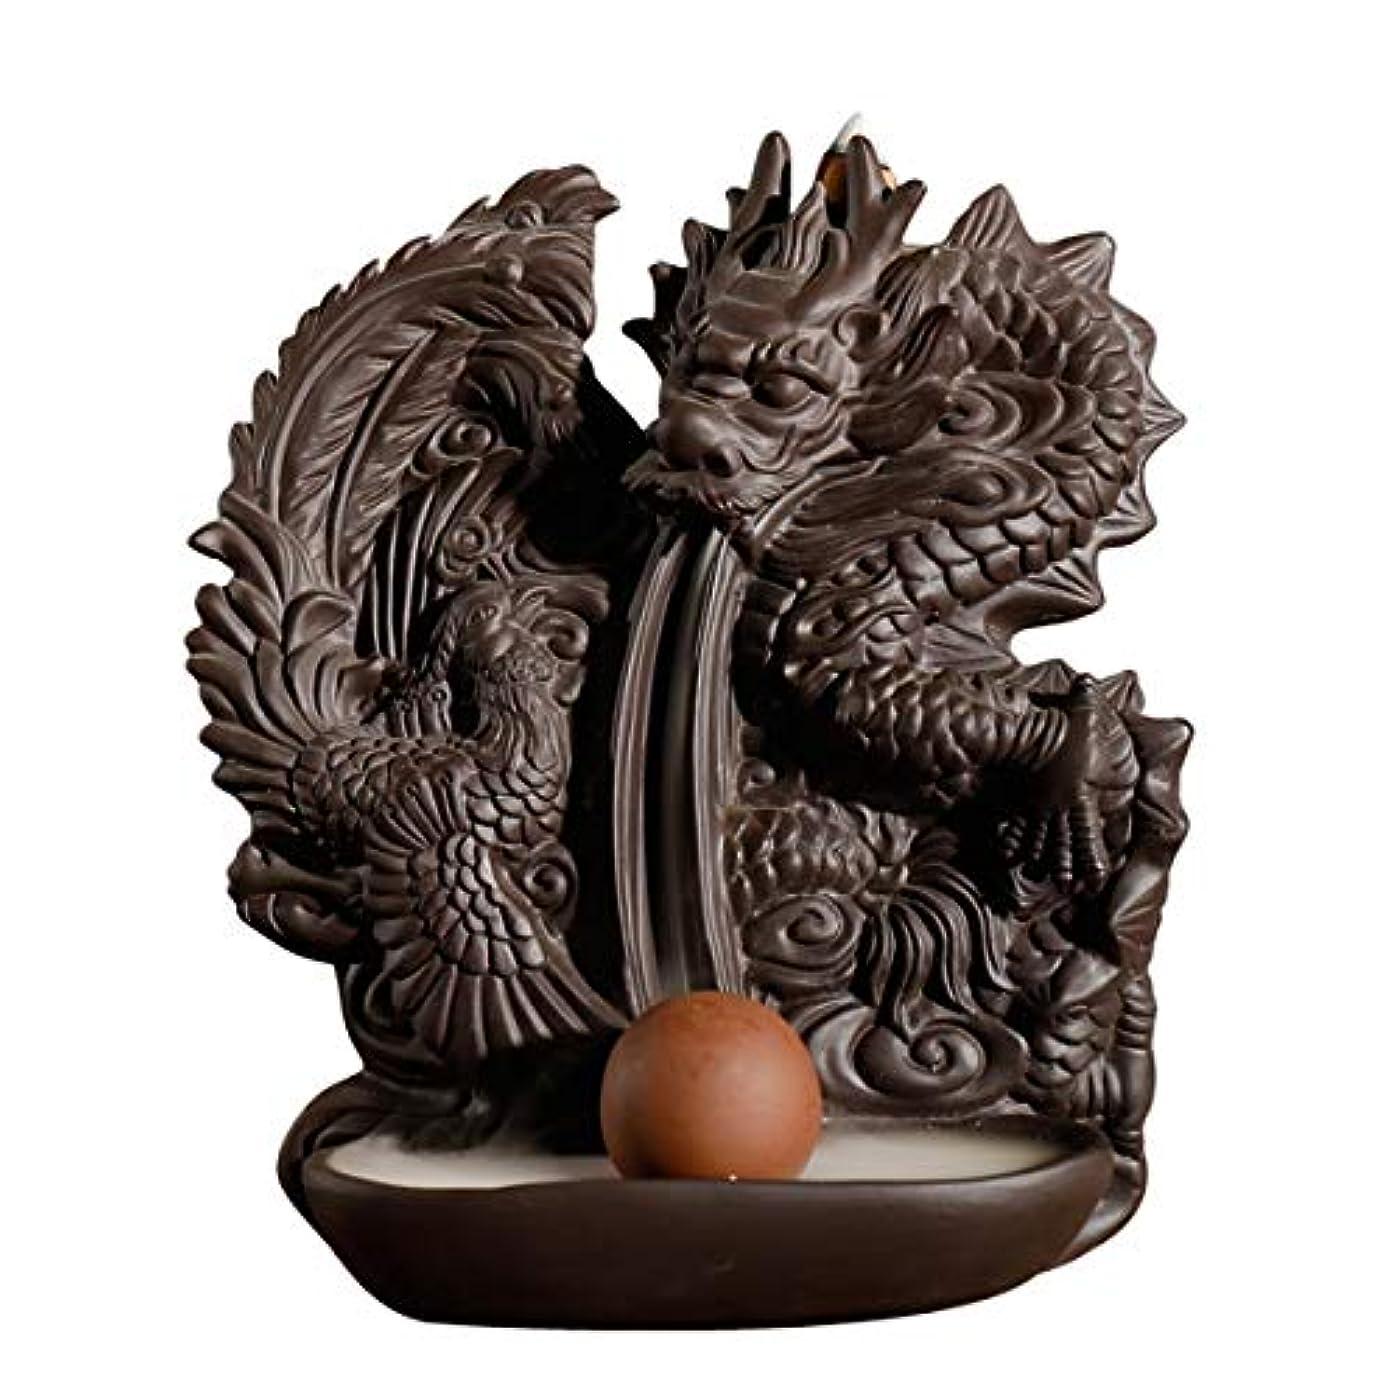 ピークシロクマ輝度ドラゴン逆流香バーナー手作りセラミックドラゴン香ホルダービーズ香コーン理想的なギフト家の装飾